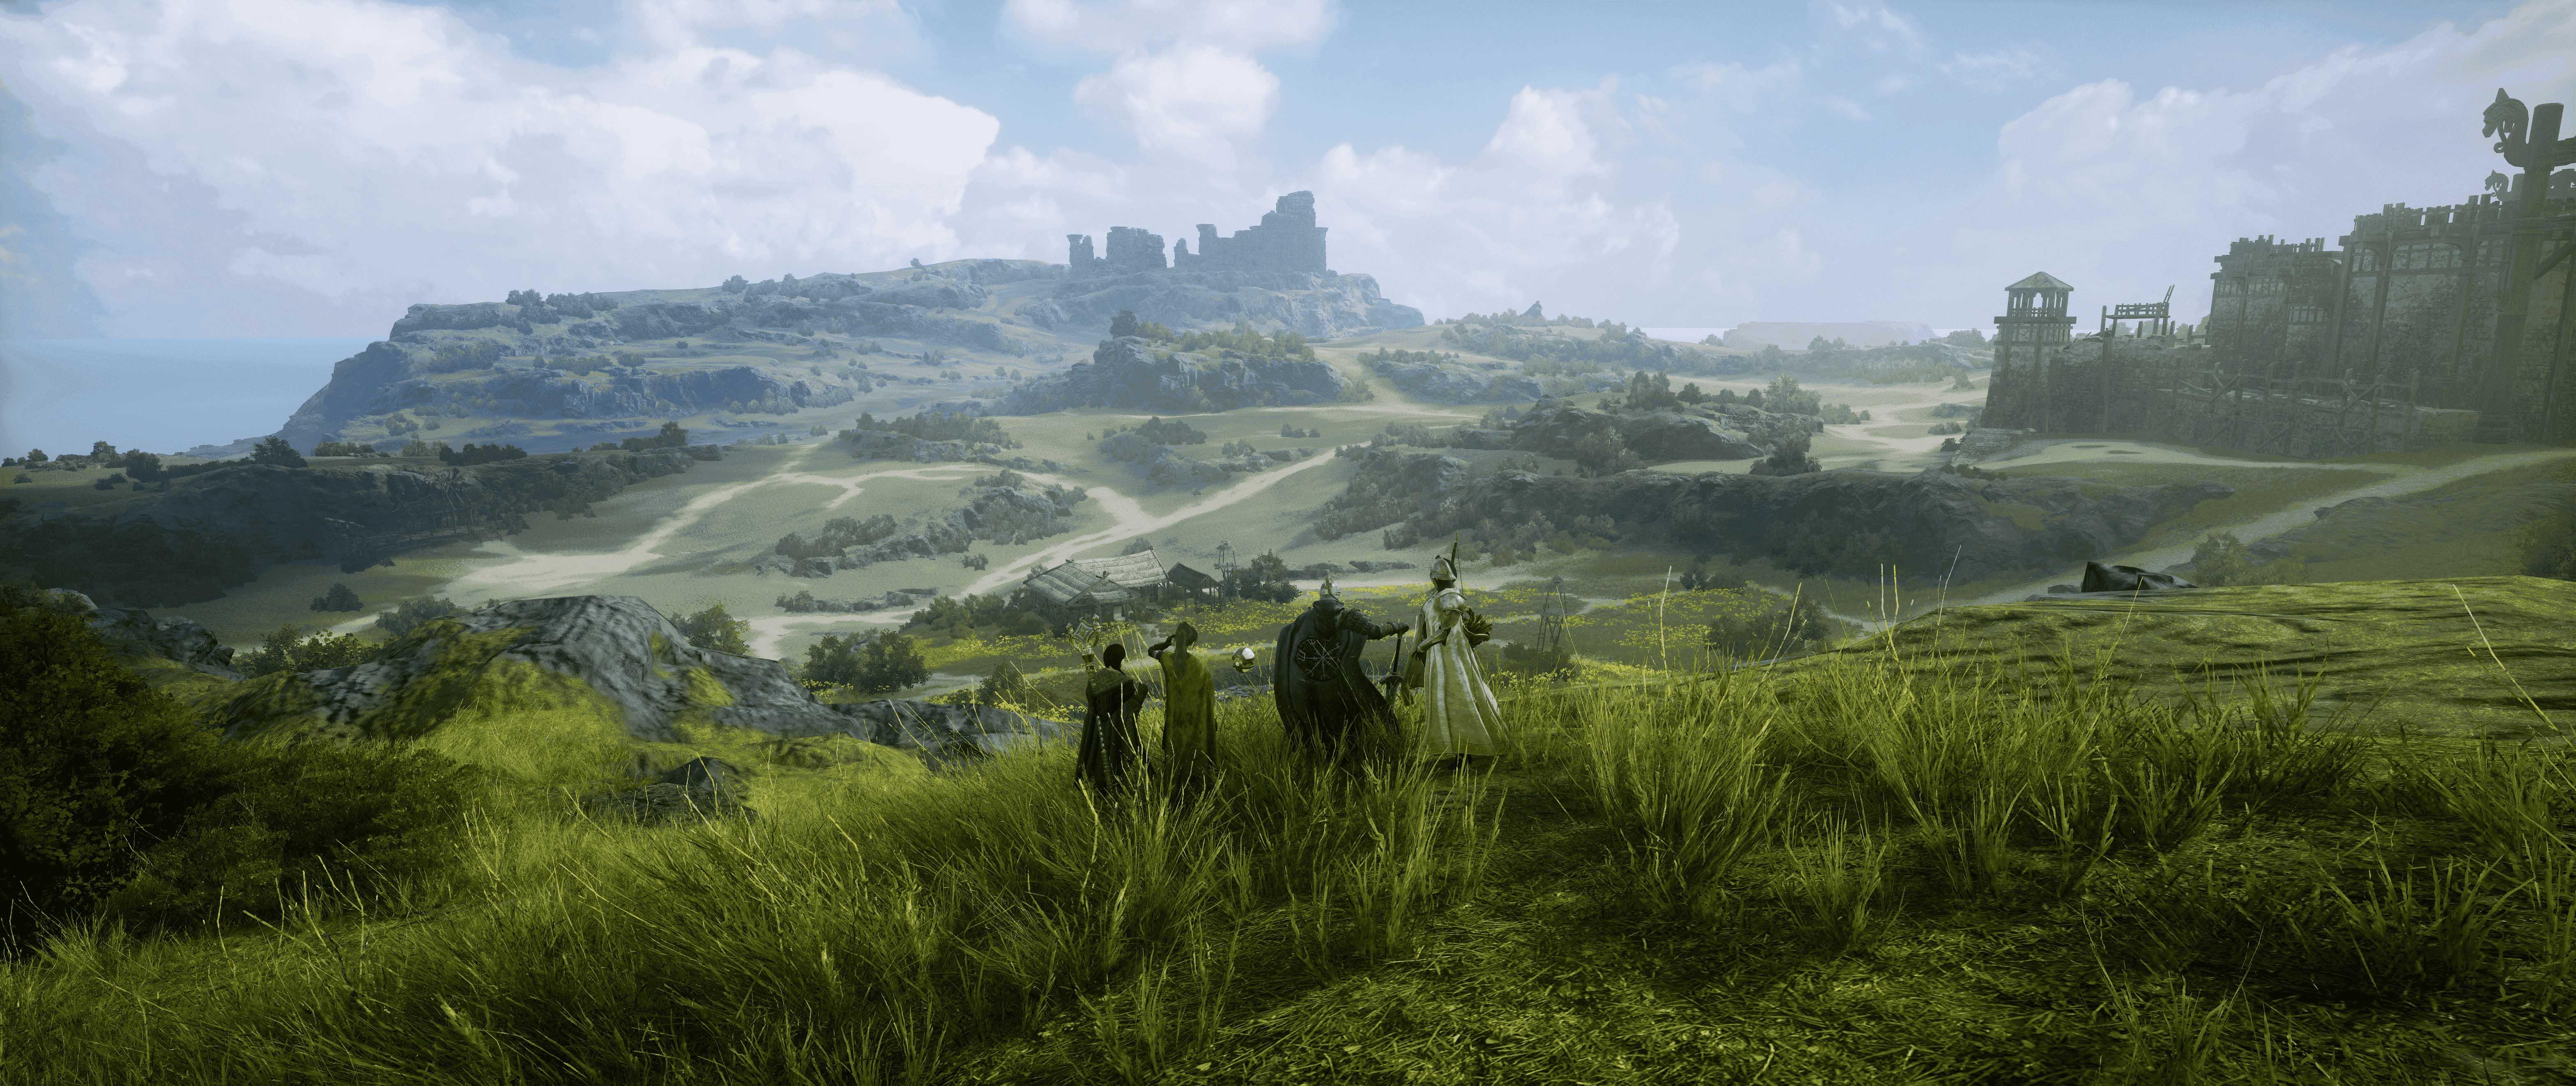 PC、手機雙平台北歐神話MMORPG《奧丁:神叛》官網更新全新內容與遊戲圖素曝光